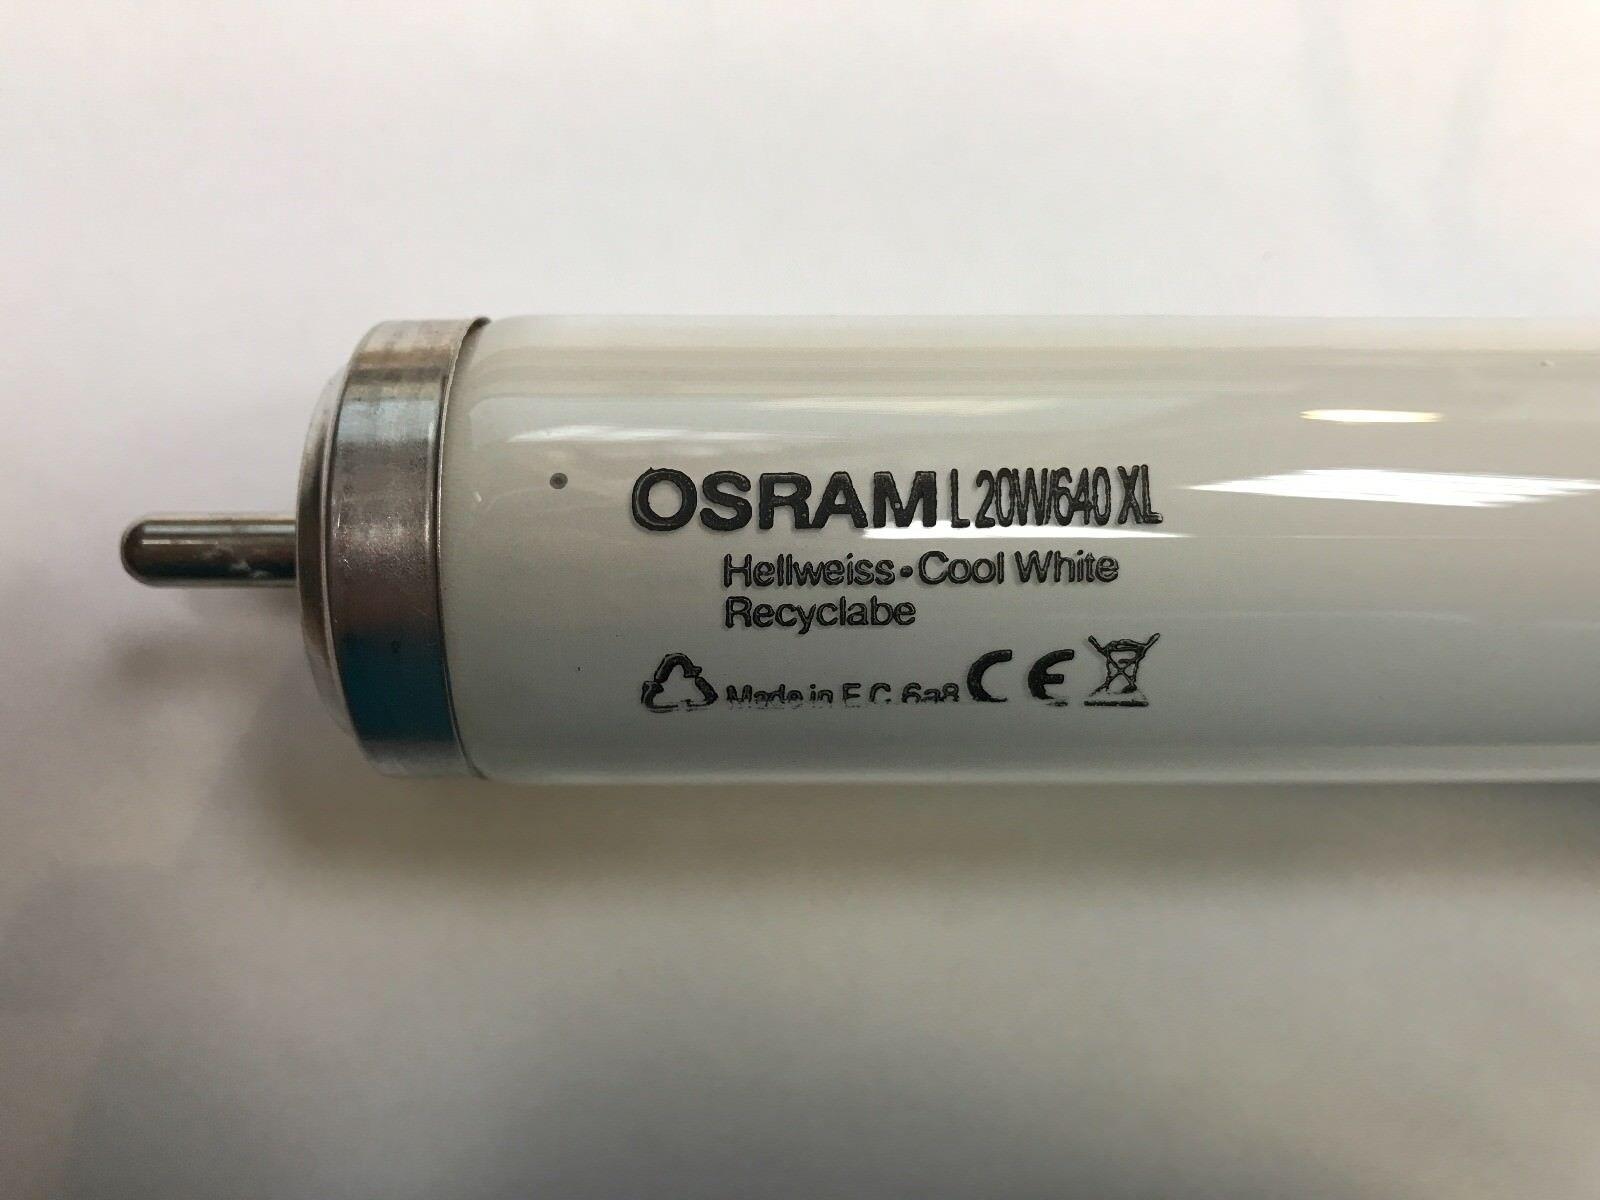 OSRAM Lampada a fluorescenza l20w 640 X-TL-X XL fa6 fa6 fa6 4000k t12 diametro 38mm 51007e